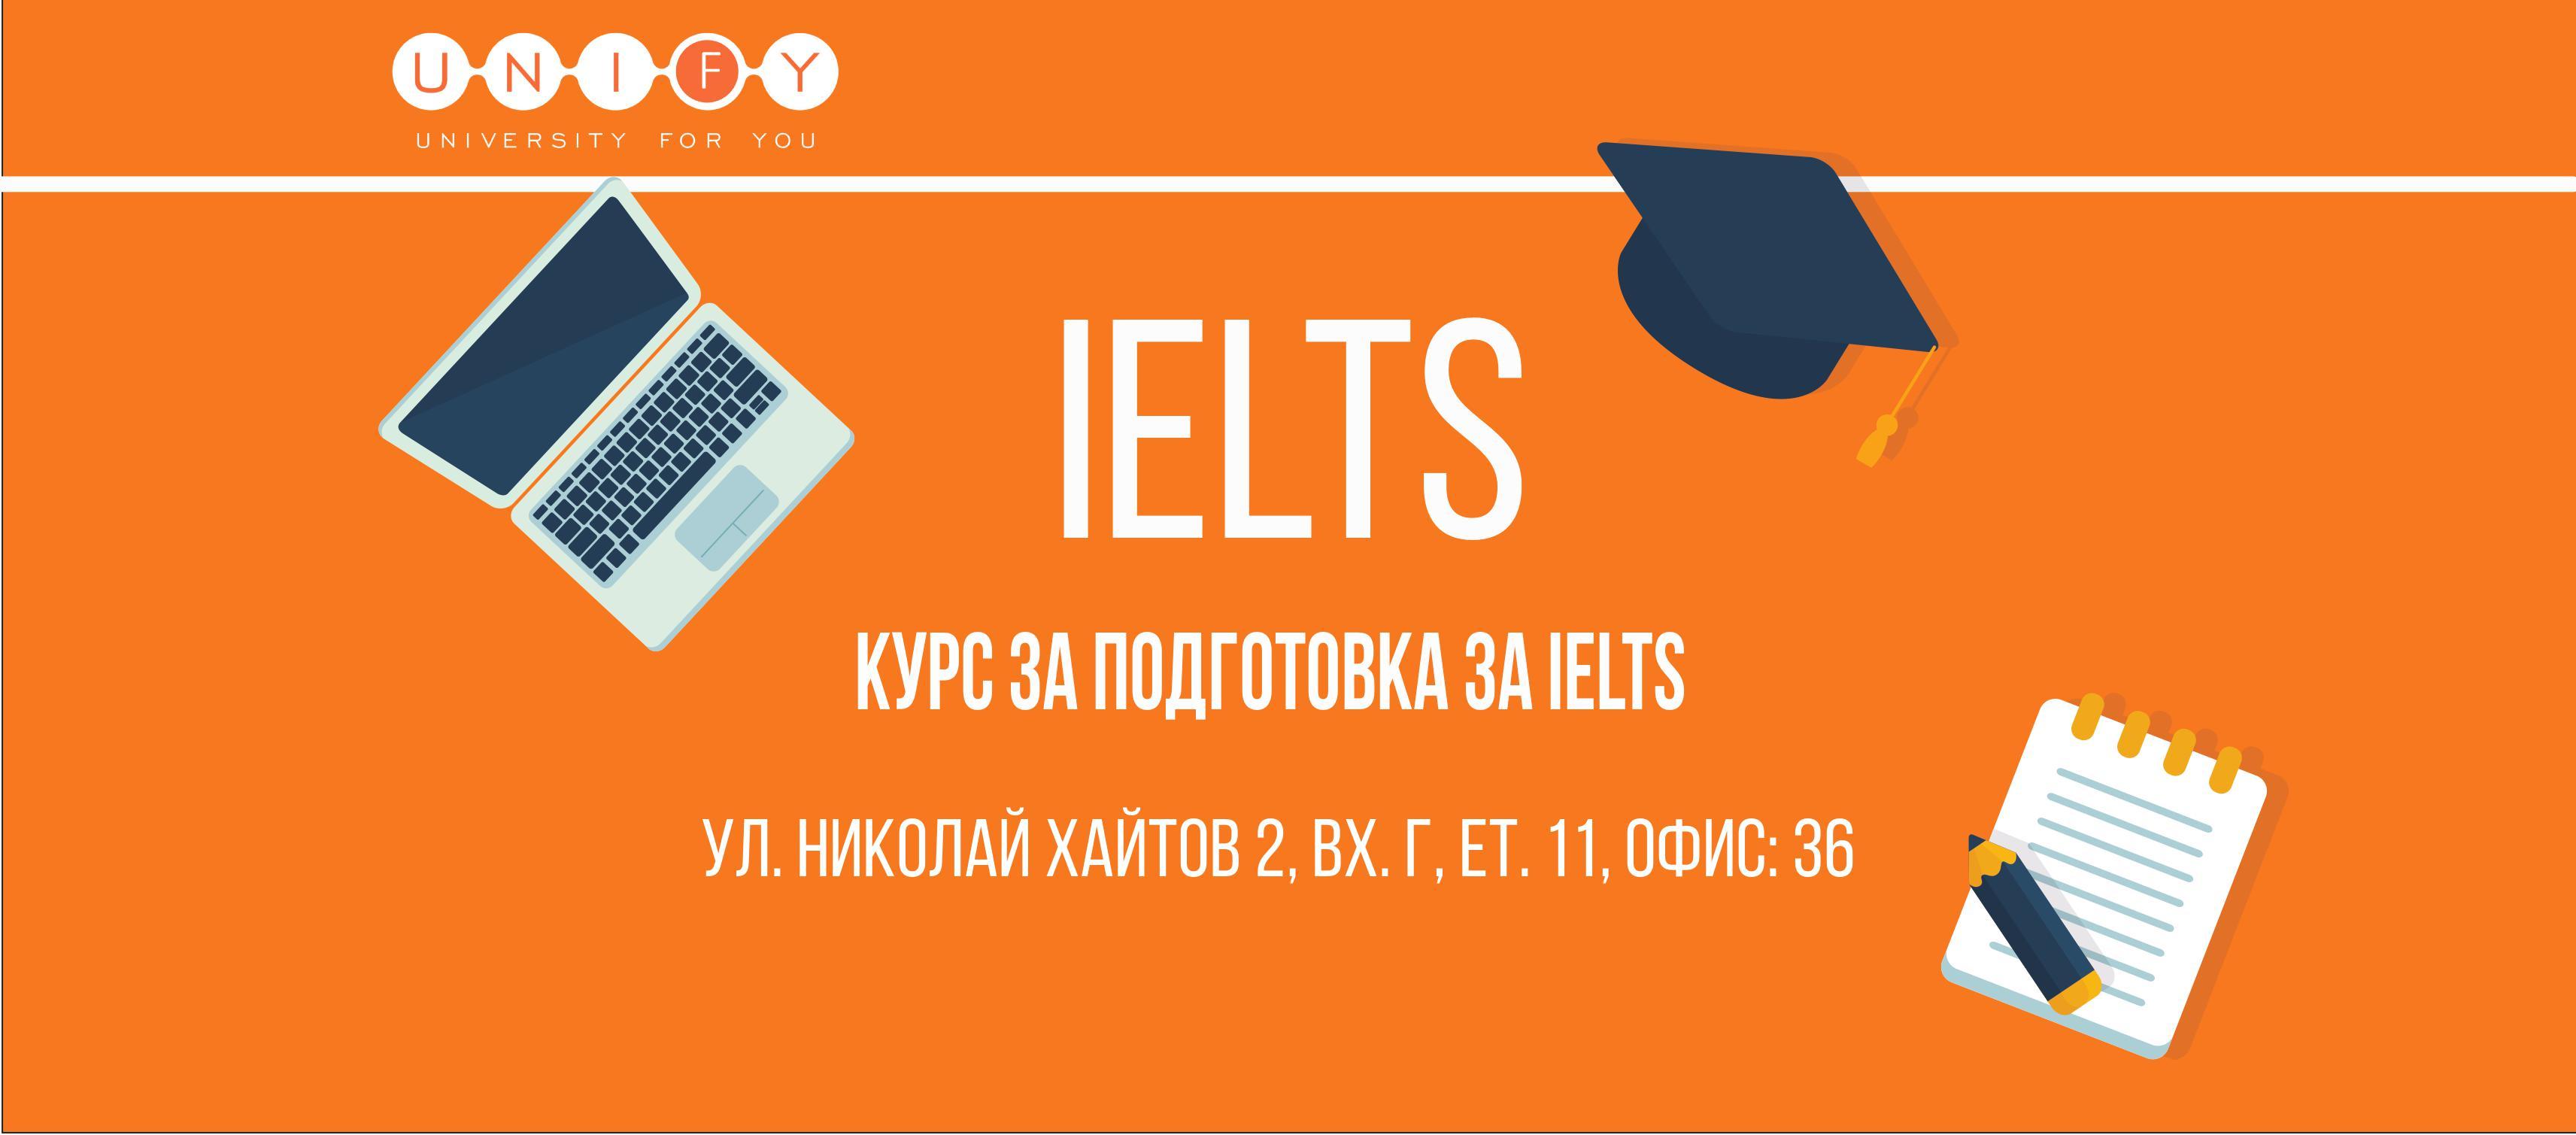 Започни новата година с курс за подготовка на IELTS в UNIFY!